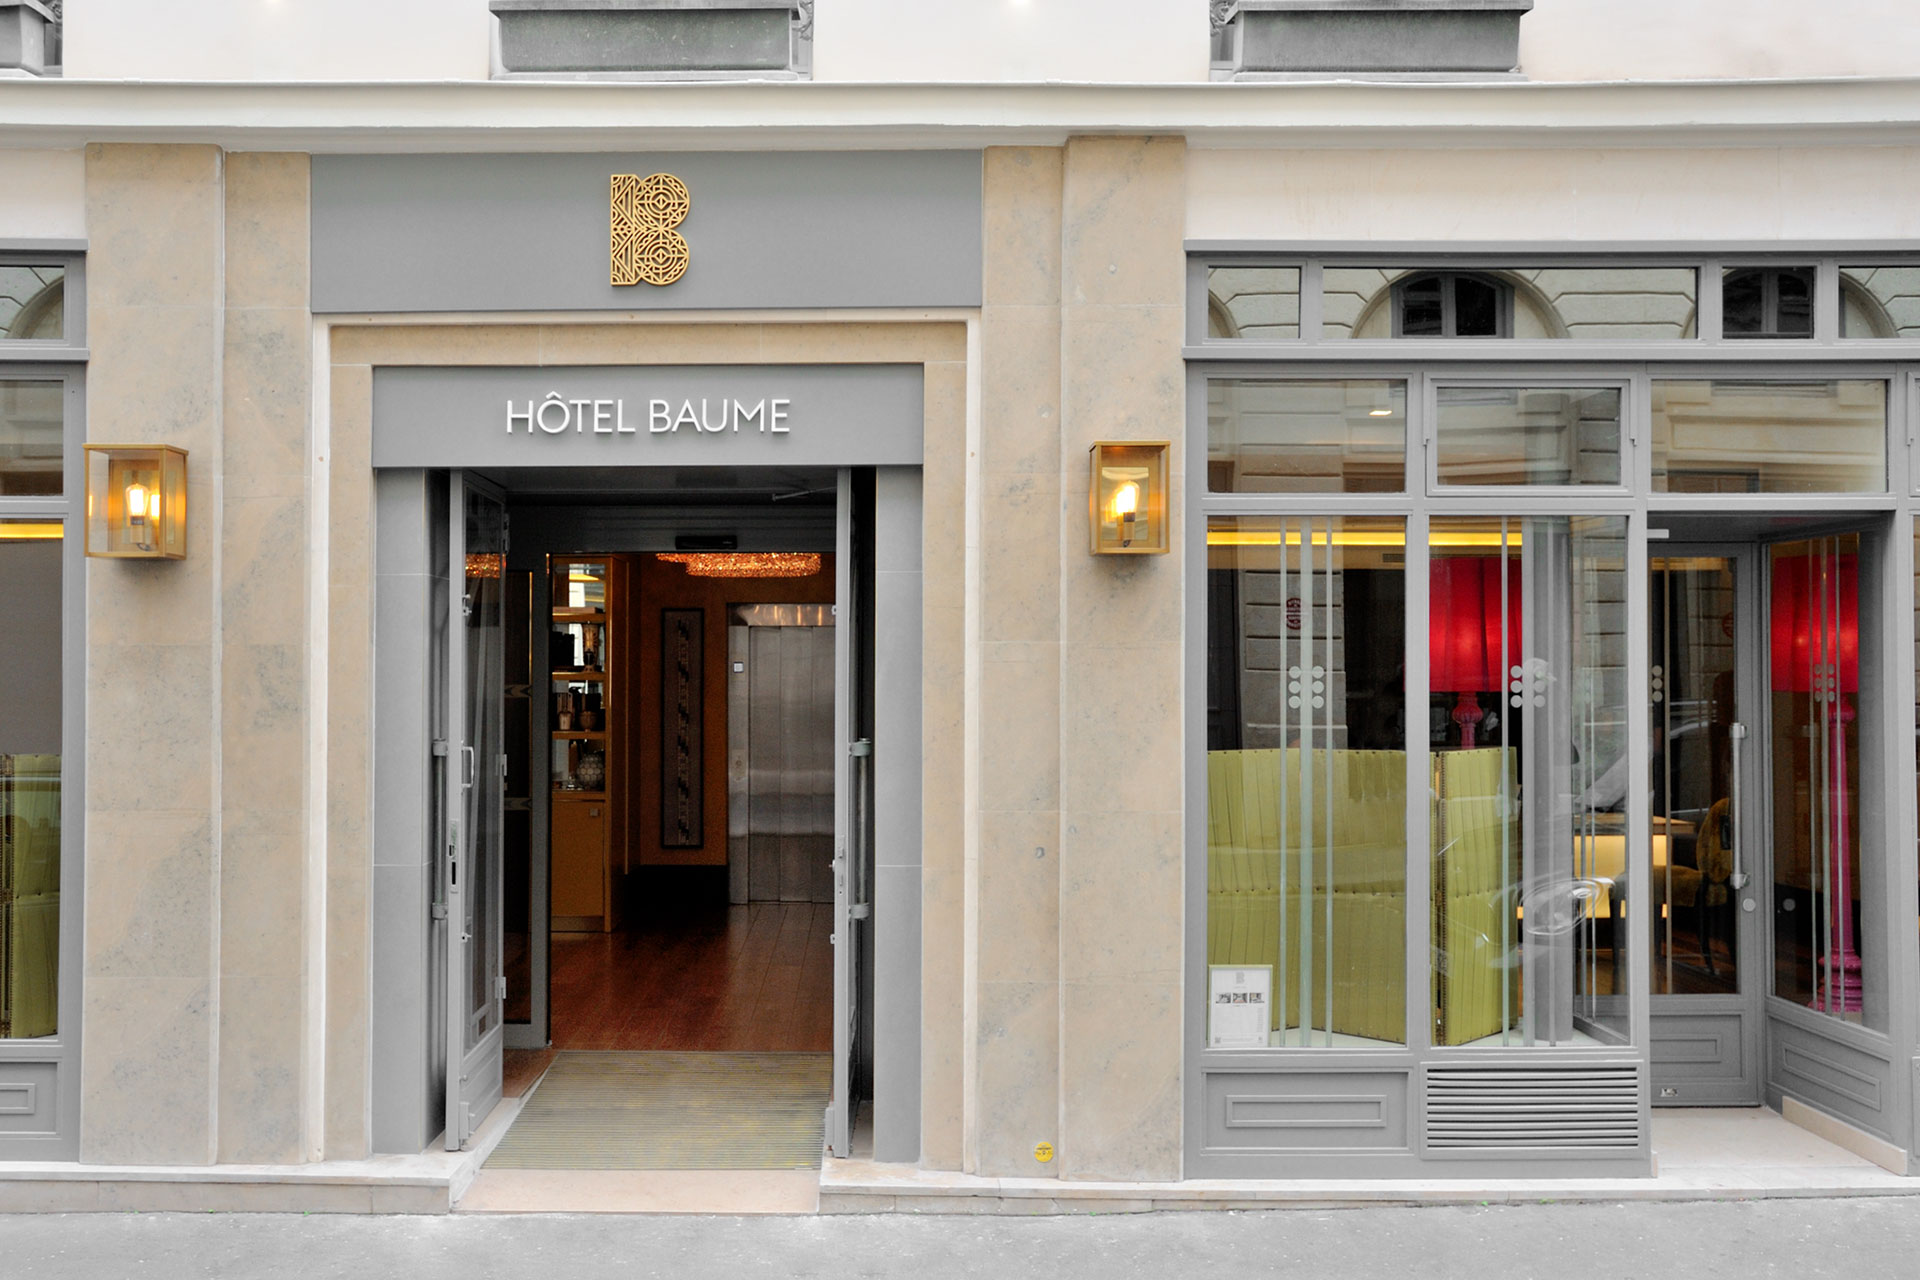 Hôtel Baume